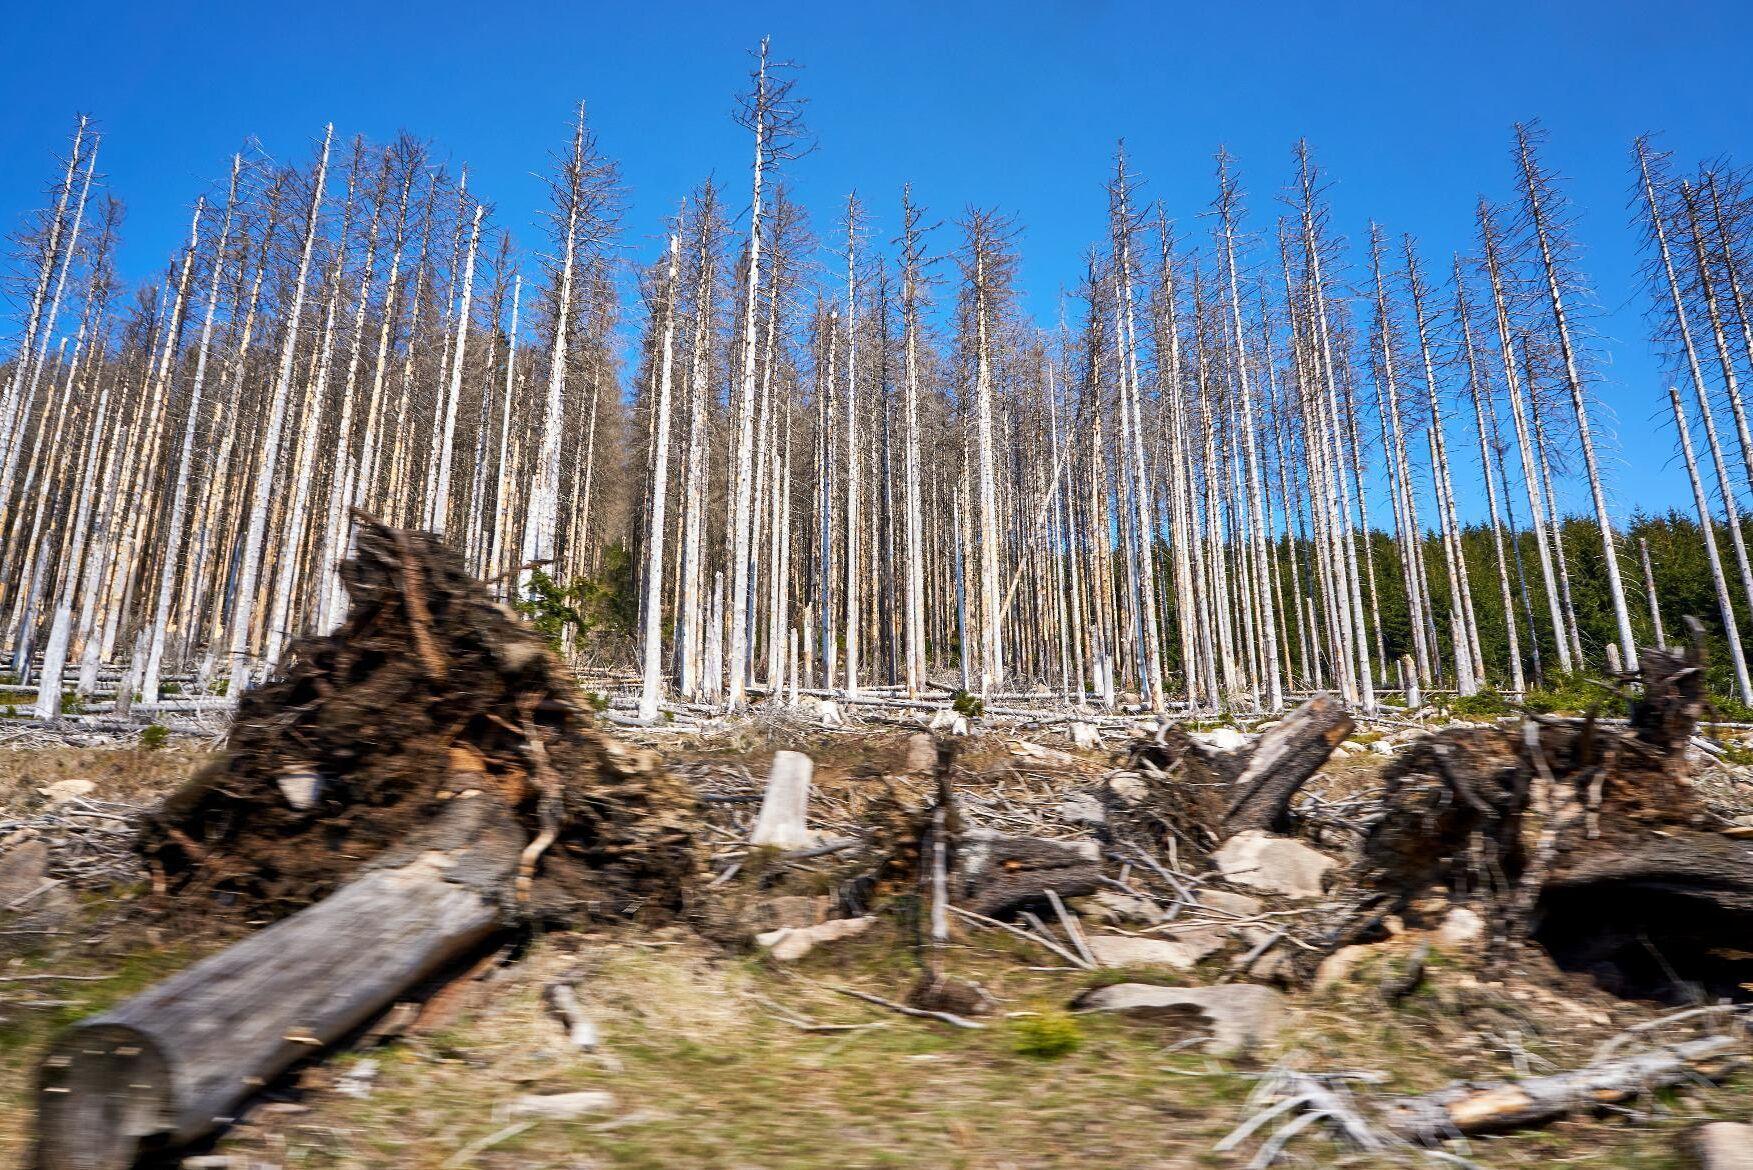 Stora delar av Tysklands skogar mår dåligt. Tidigare effekter av stormar och angrepp av granbarkborre förvärras av tre extremt torra somrar i rad.